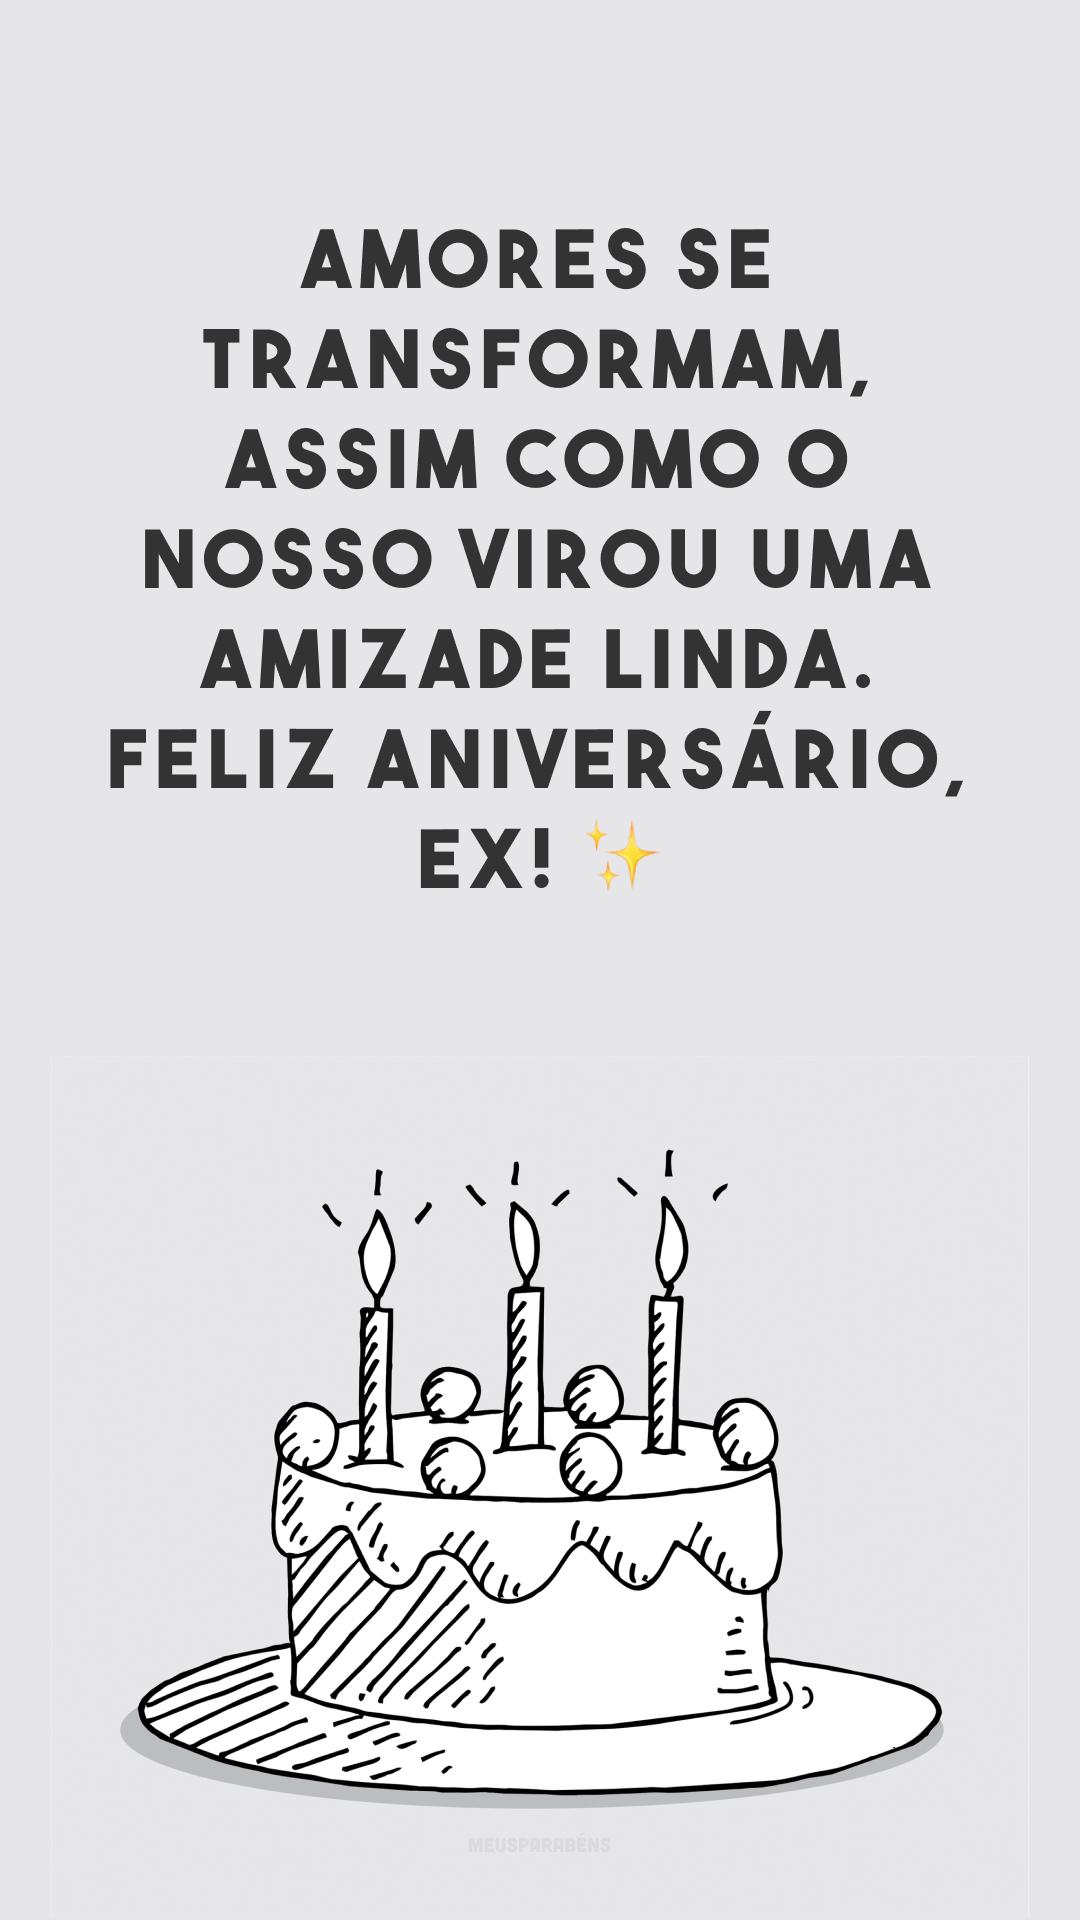 Amores se transformam, assim como o nosso virou uma amizade linda. Feliz aniversário, ex! ✨